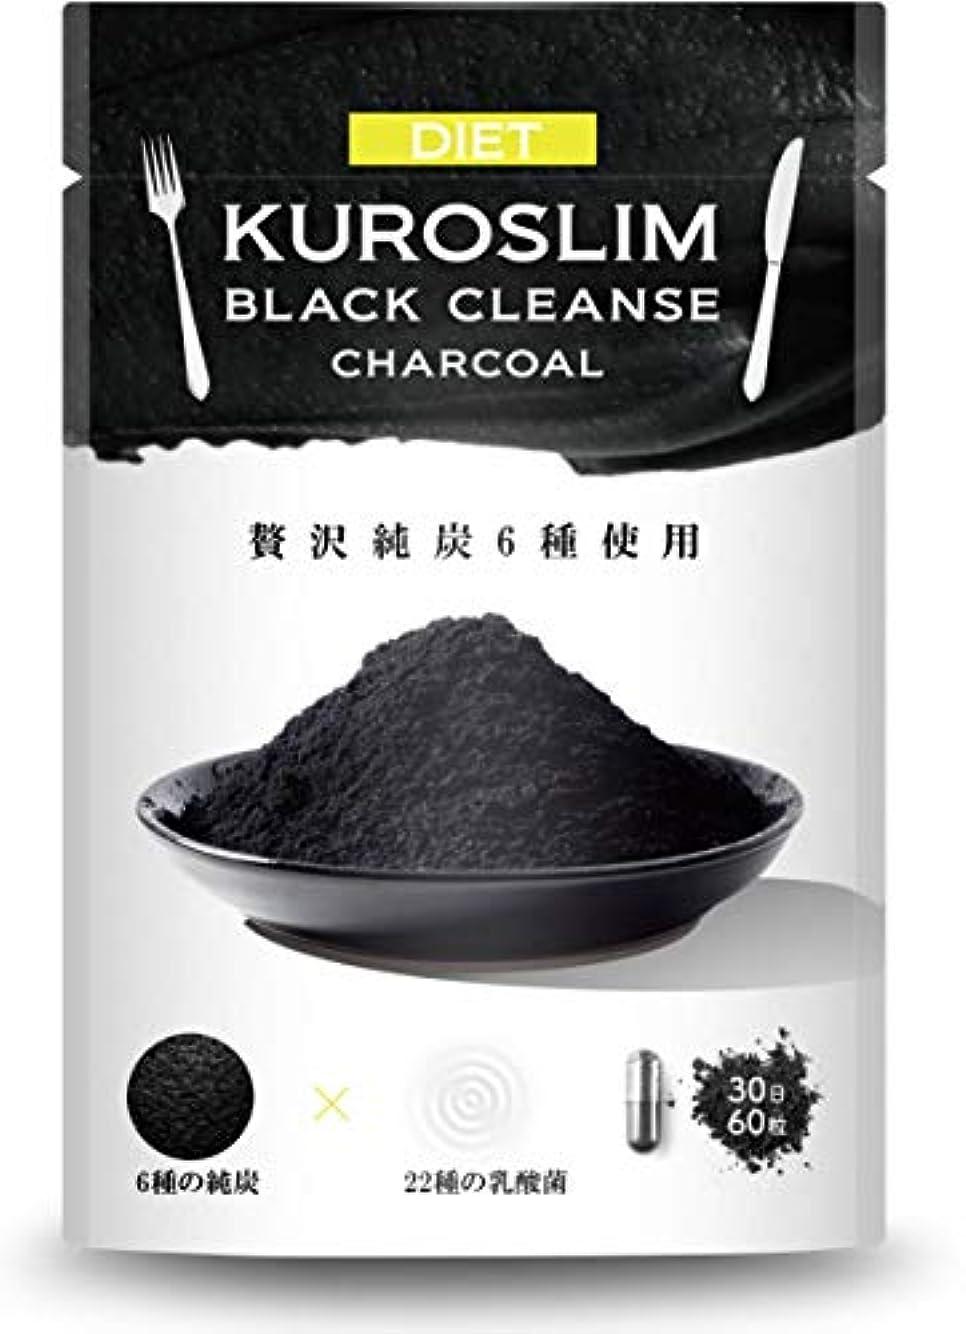 変数半球極めて重要な炭ダイエット サプリ KUROSLIM チャコール サプリメント 6種の純炭 60粒30日分